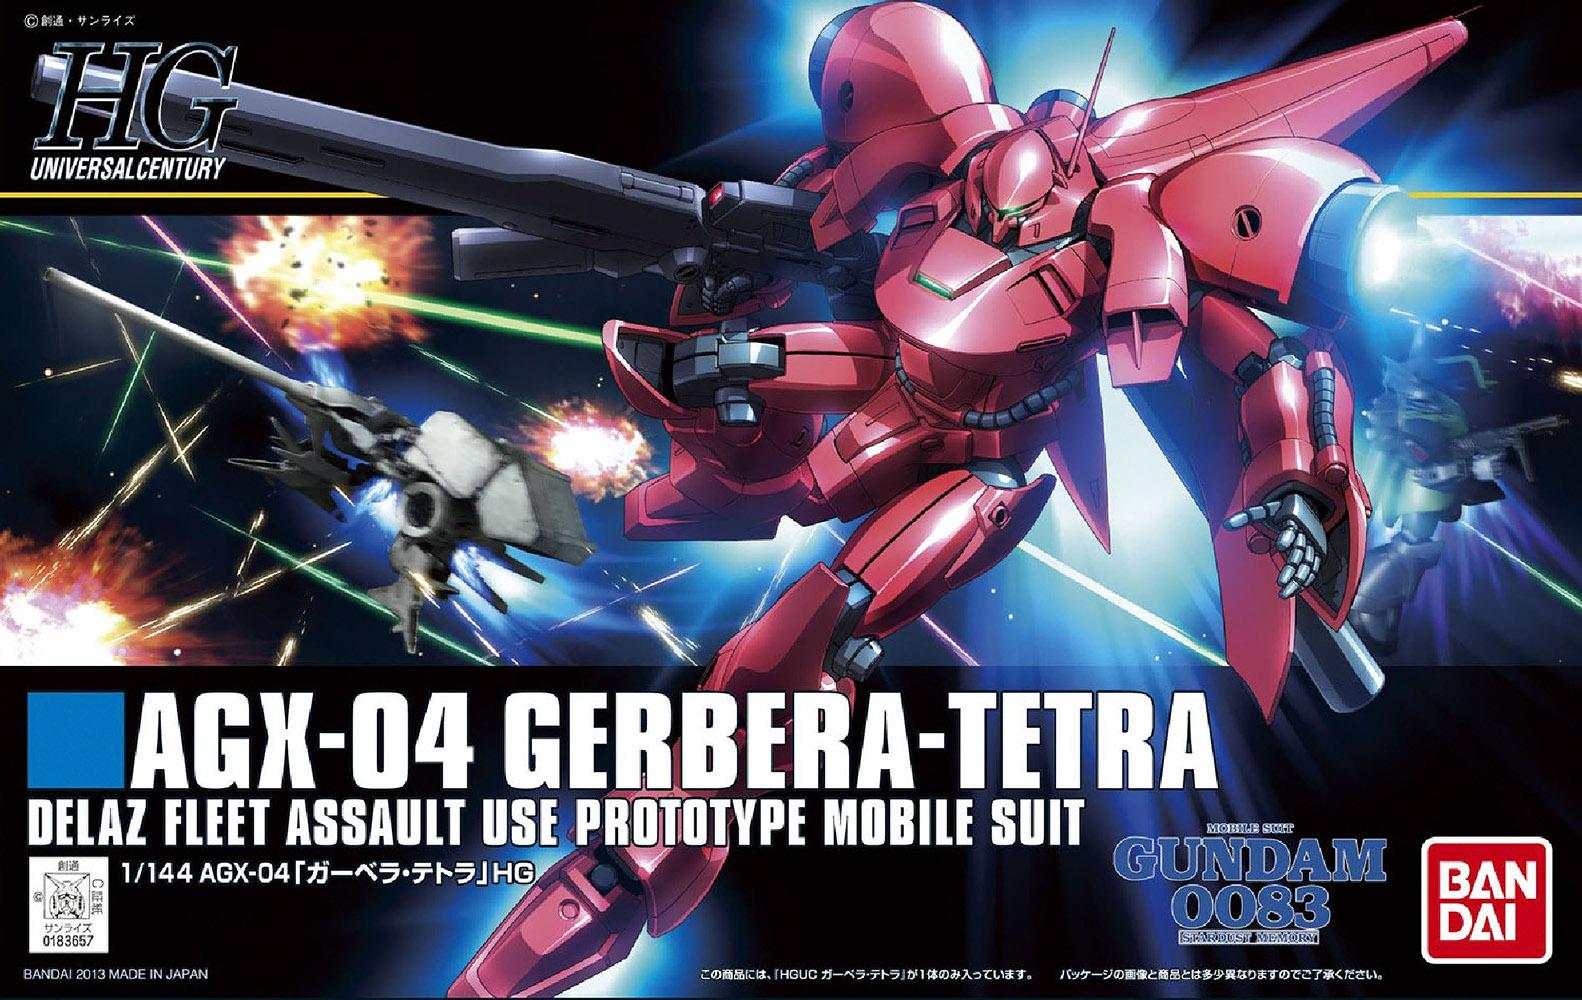 HGUC 1/144 AGX-04 Gerbera-Tetra